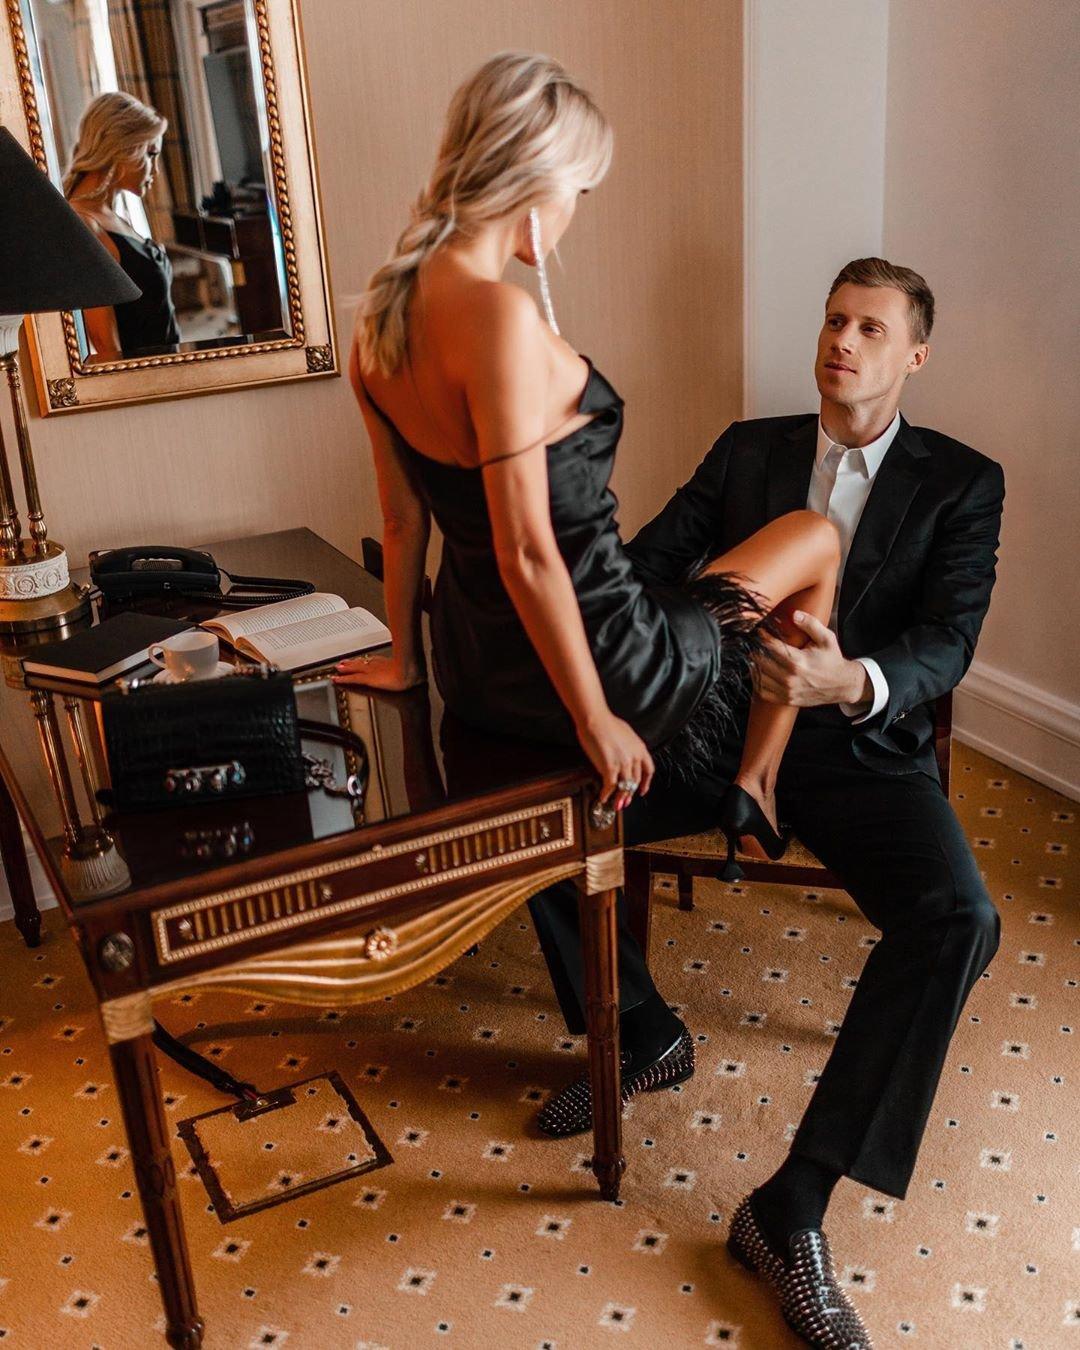 Мария Погребняк показала романтичную фотосессию с мужем